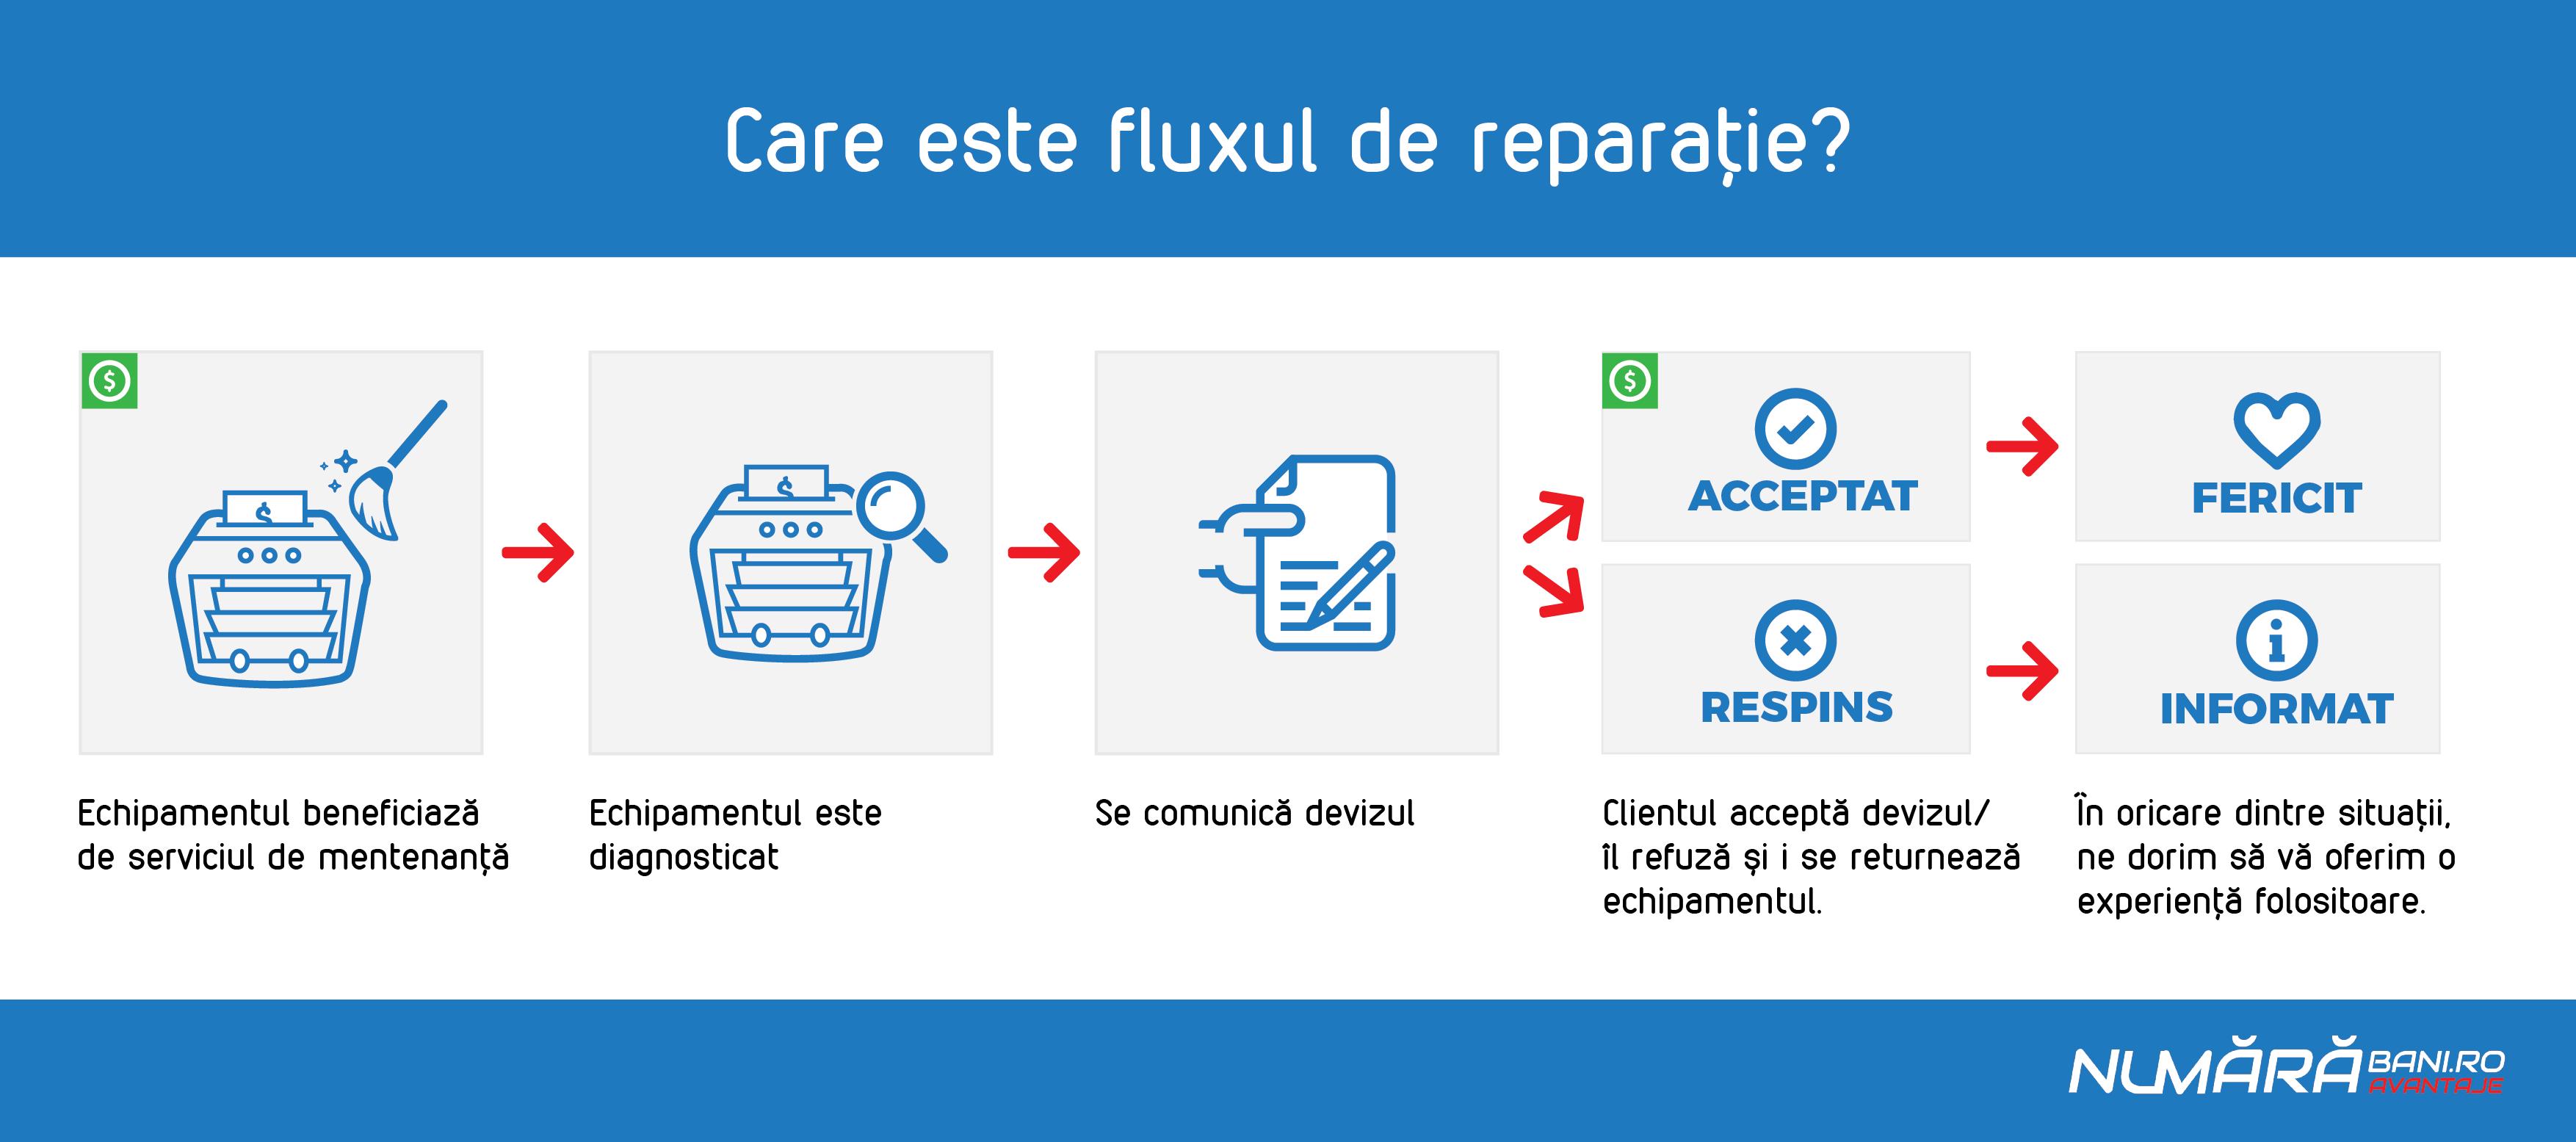 Flux_reparatie-02